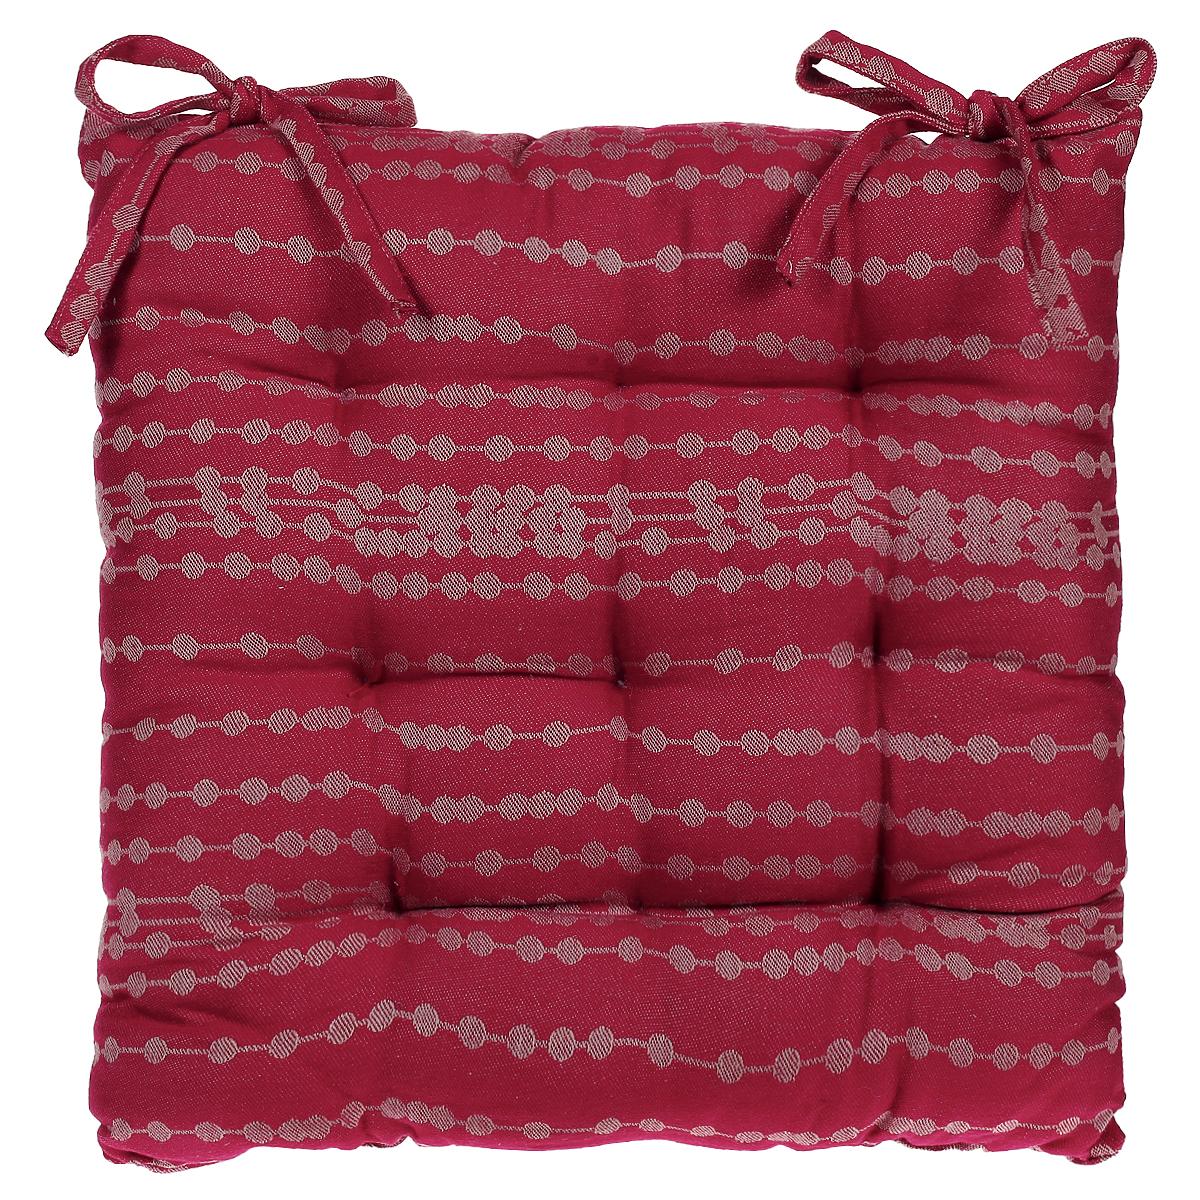 Подушка на стул Julia Vysotskaya, жаккардовая, цвет: красный, 40 см х 40 см2014-51Подушка Julia Vysotskaya изготовлена из жаккарда с красивым рисунком. Изделия из жаккарда уже давно стали известны всему миру не только своей прочностью и износостойкостью, но и элегантным, благородным внешним видом. Такой материал прослужит Вам не один десяток лет. Изделия имеют тефлоновое покрытие, можно поставить на него даже раскаленную сковороду и изделие останется целым. На всех изделиях коллекции есть не только логотип Julia Vysotskaya, но и сорока, которая является гербом поместья Юлии в Тоскане. Подушка стеганая, внутри - наполнитель из полиэстера. Подушка легко крепится на стул с помощью завязок. Правильно сидеть - значит сохранить здоровье на долгие годы. Жесткие сидения подвергают наше здоровье опасности. Подушка с наполнителем из полиэстера поможет предотвратить многие беды, которыми грозит сидячий образ жизни.